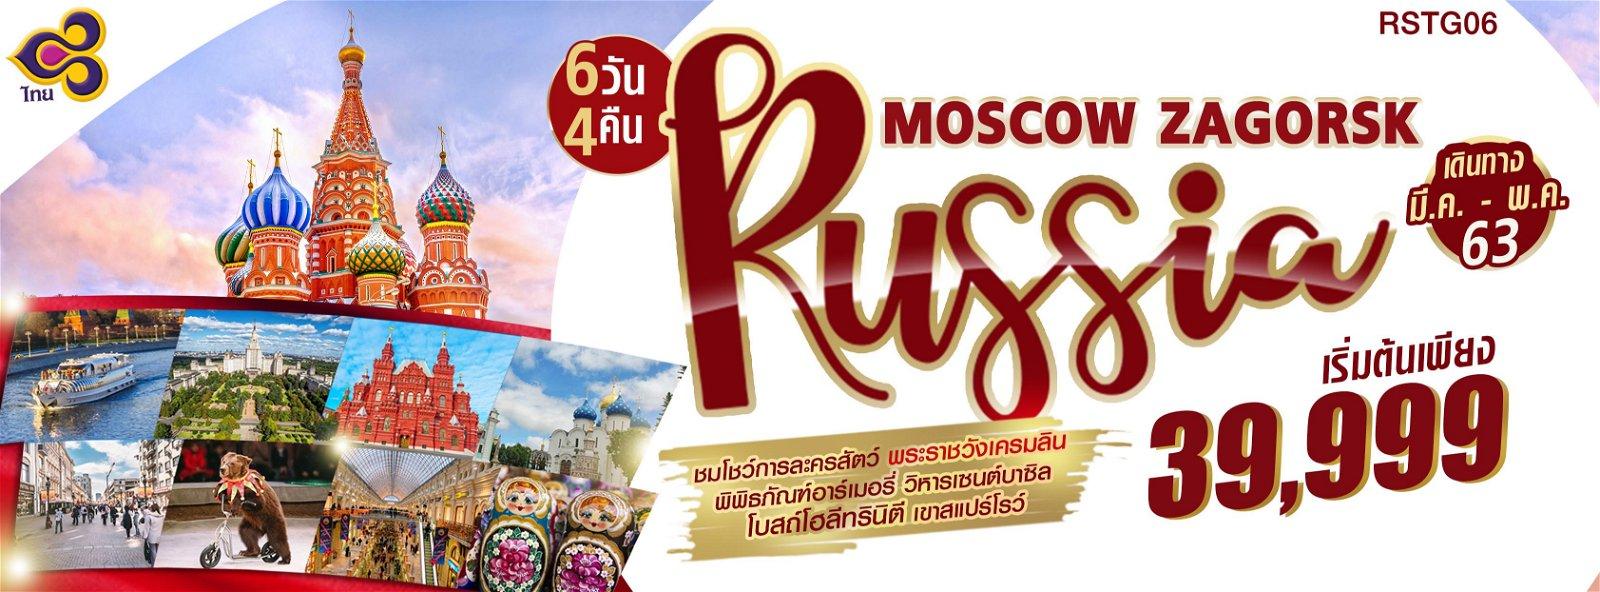 ทัวร์รัสเซีย RUSSIA MOSCOW ZAGORSK [TG] 6D4N